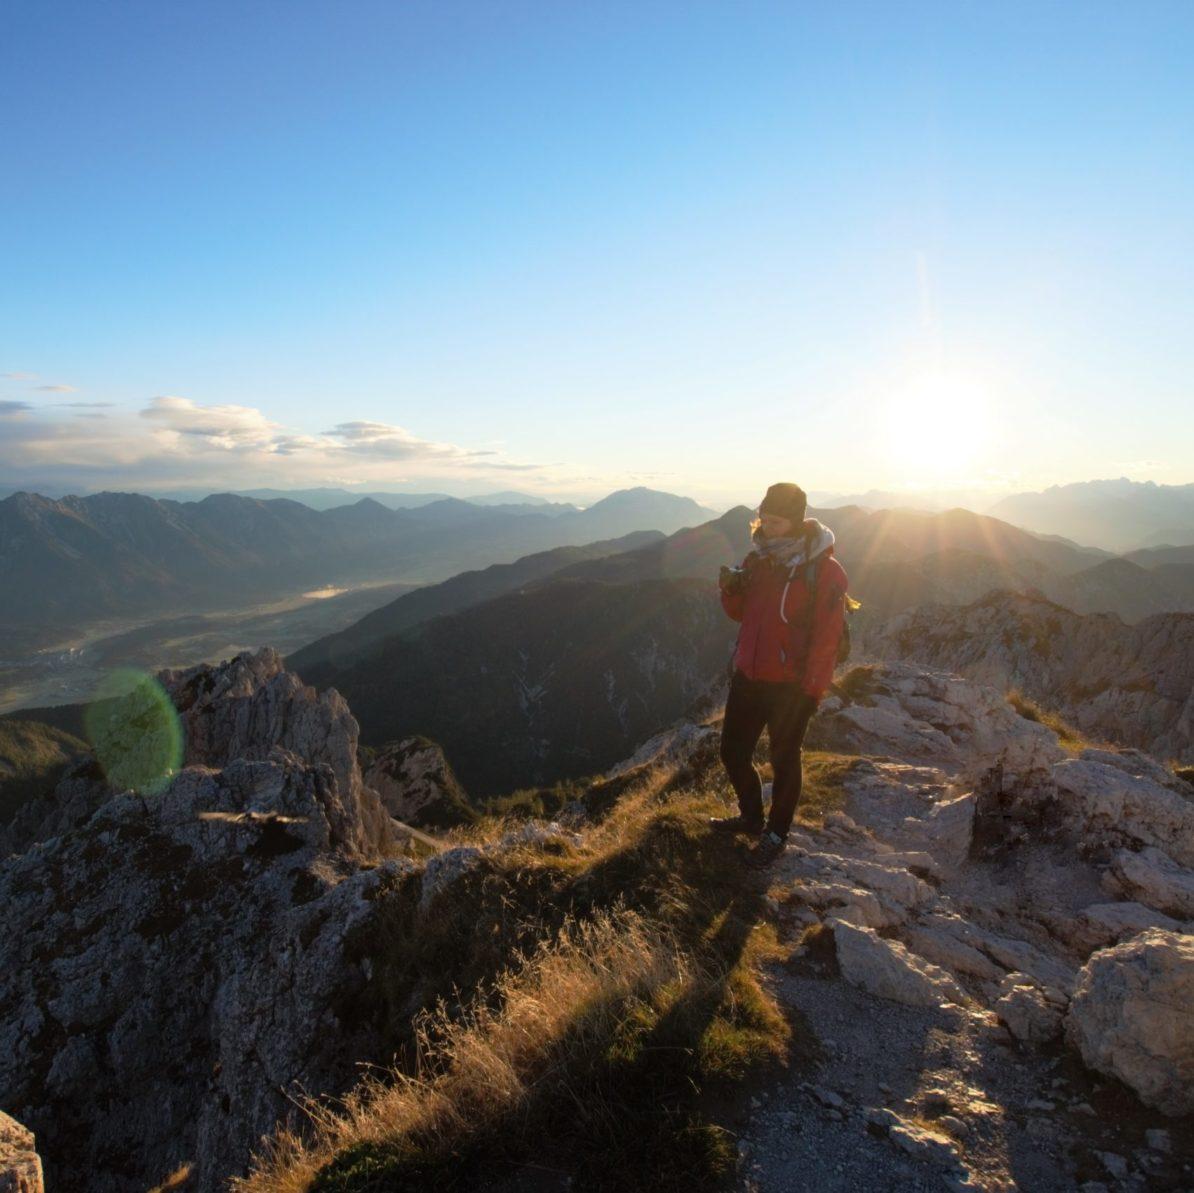 Julia steht bei Sonnenaufgang auf dem Gipfel eines Berges.